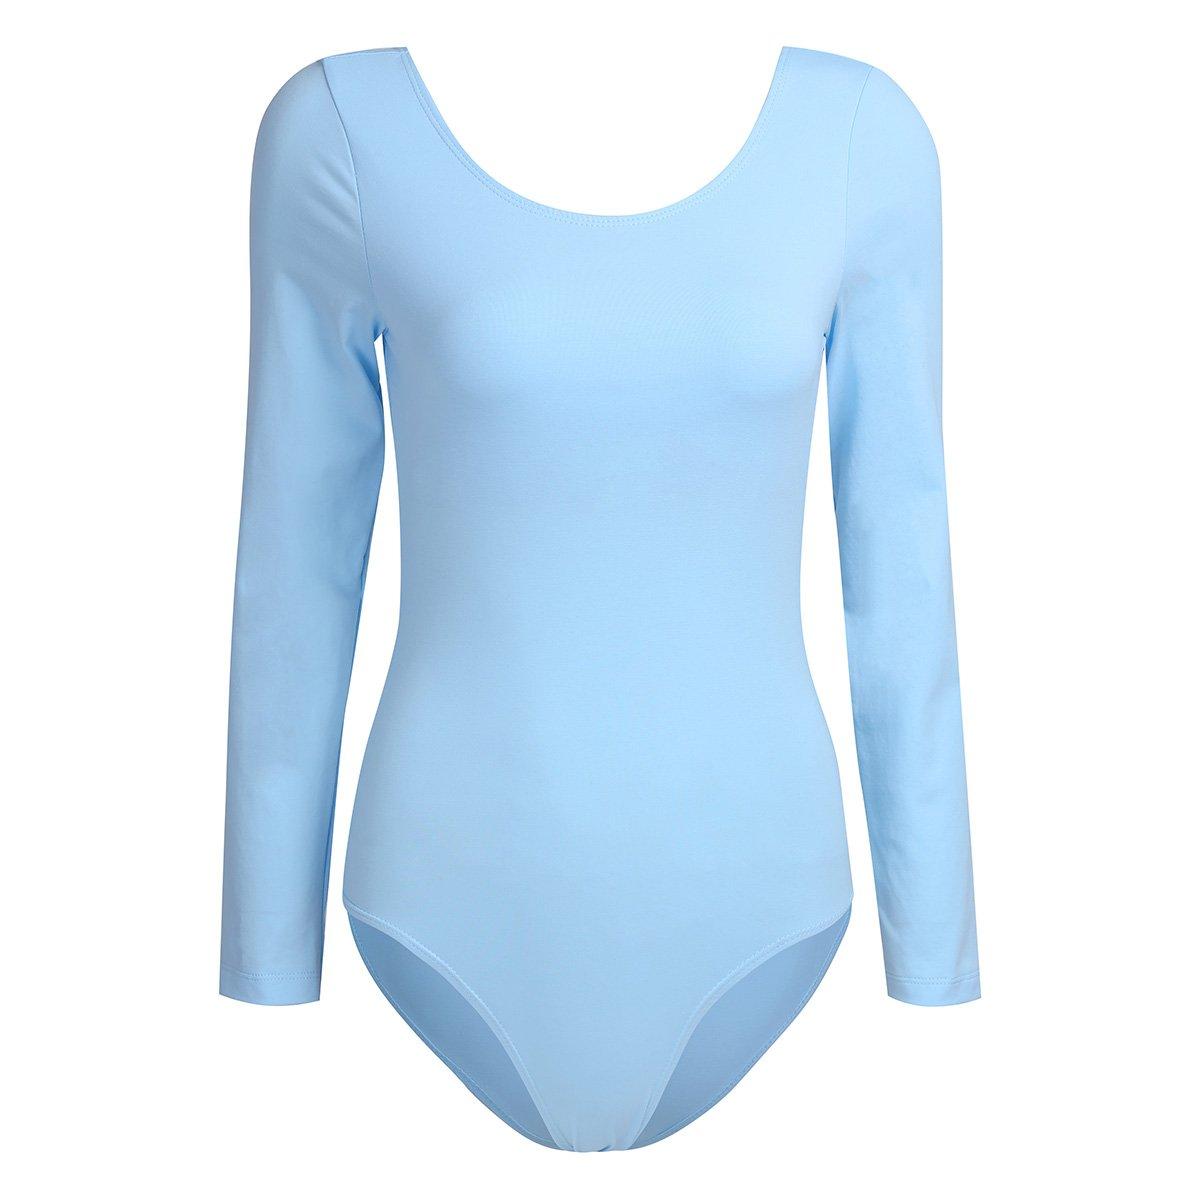 iixpin Justaucorps Gymnastique Classique Femme à Manches Longues Teddy Bodysuit de Danse Danseur Dancewear Gym Taille XS-XL